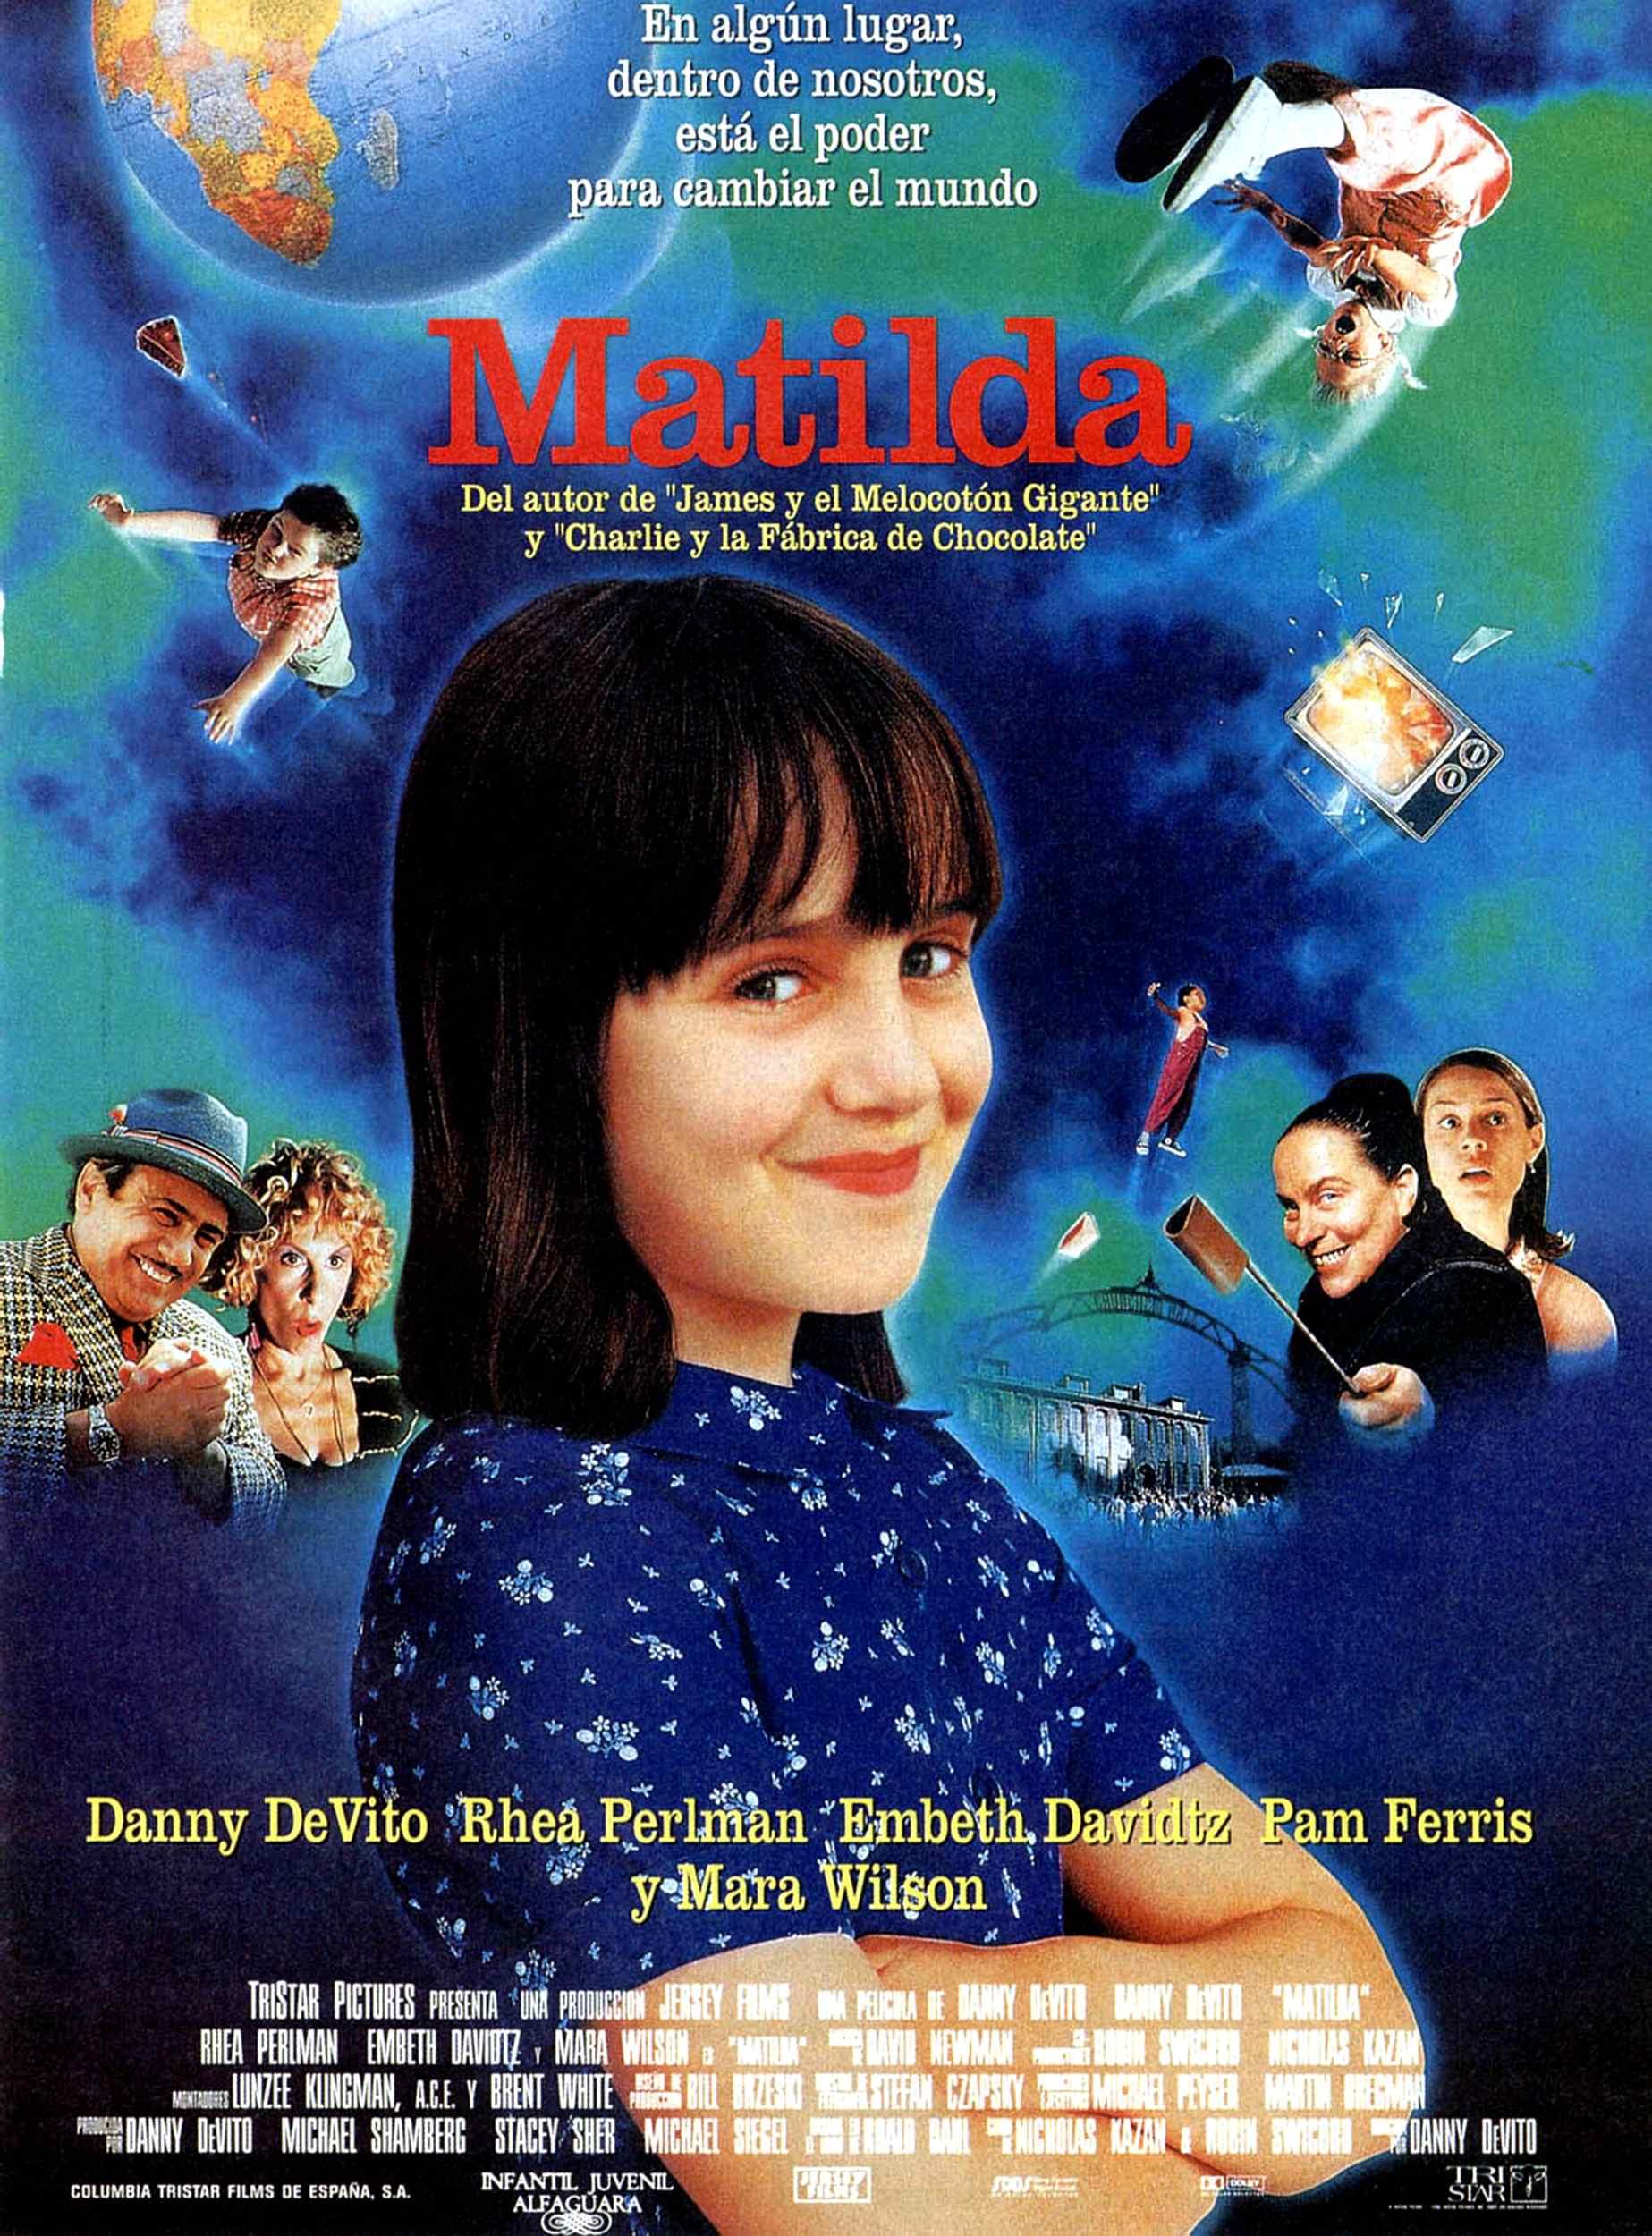 Matilda_-_tt0117008_-_1996_-_es